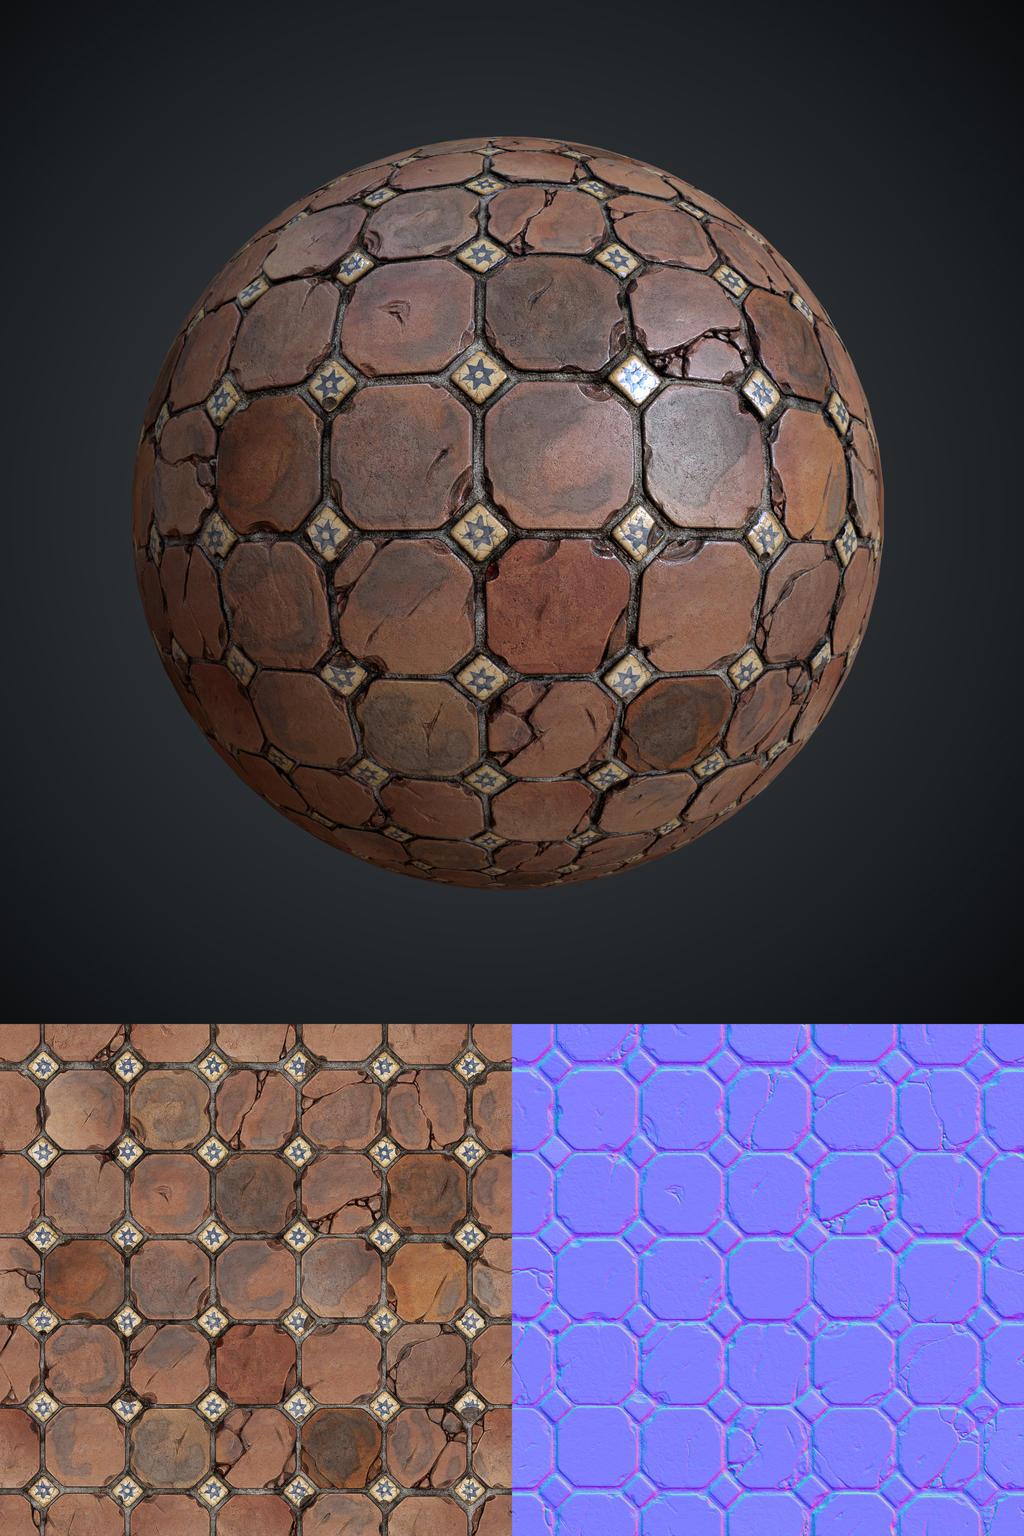 Terracotta Tiles by Leonid-k